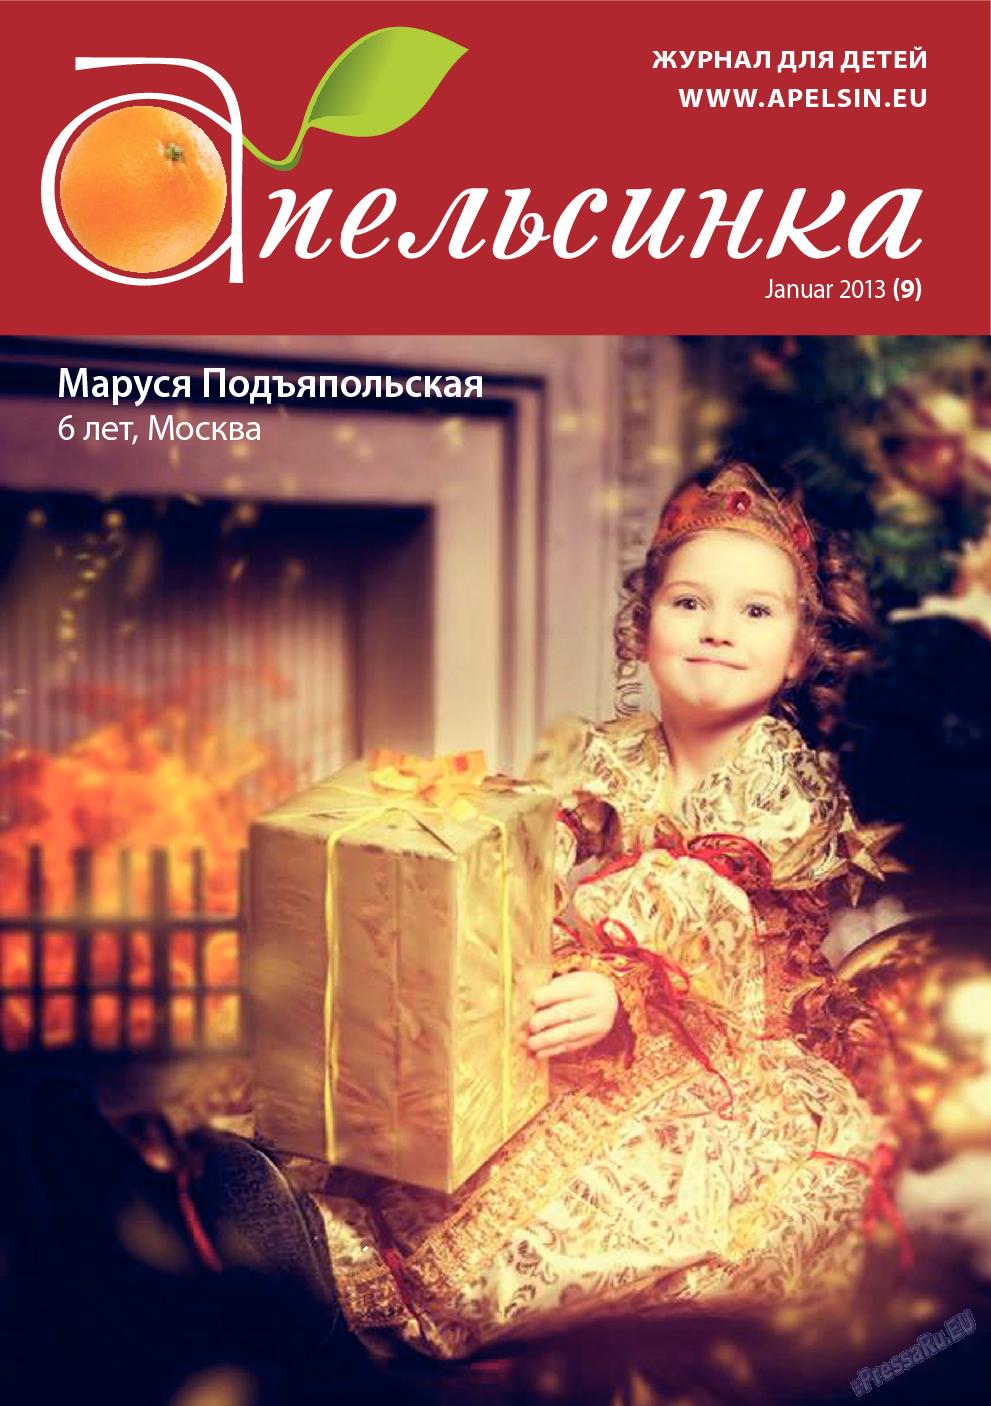 Апельсин (журнал). 2014 год, номер 54, стр. 25